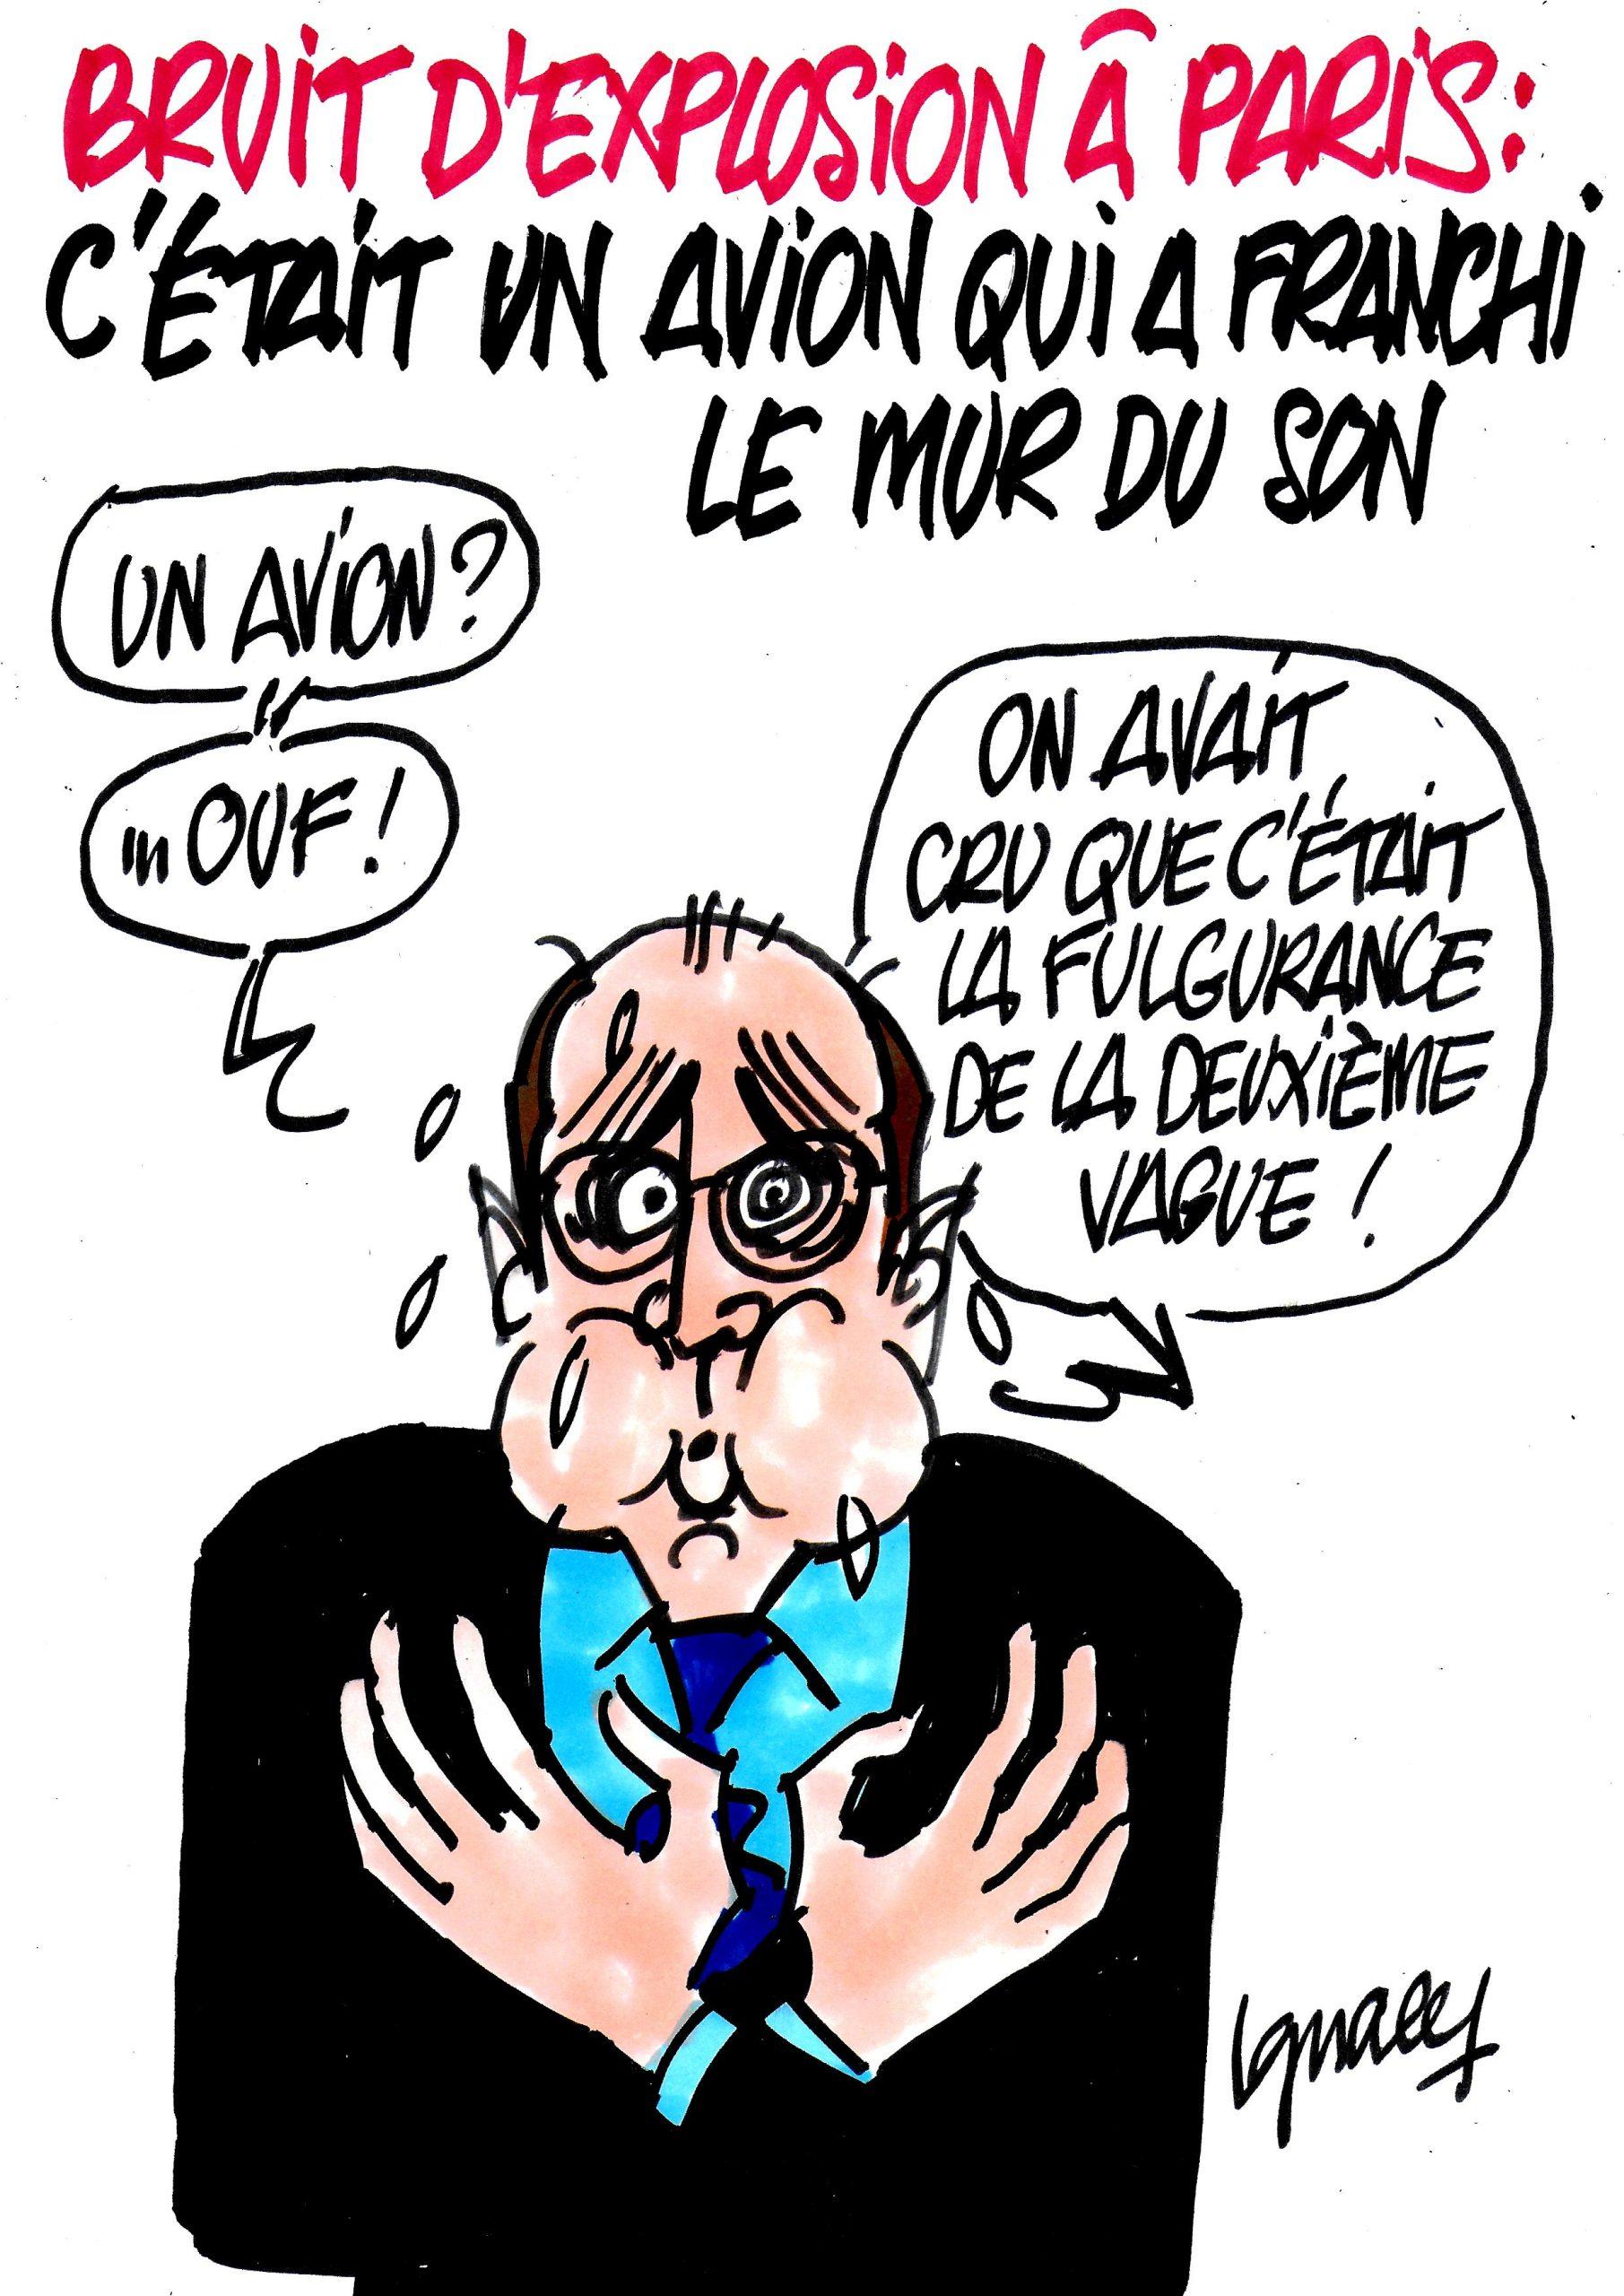 Ignace - Bruit d'explosion à Paris